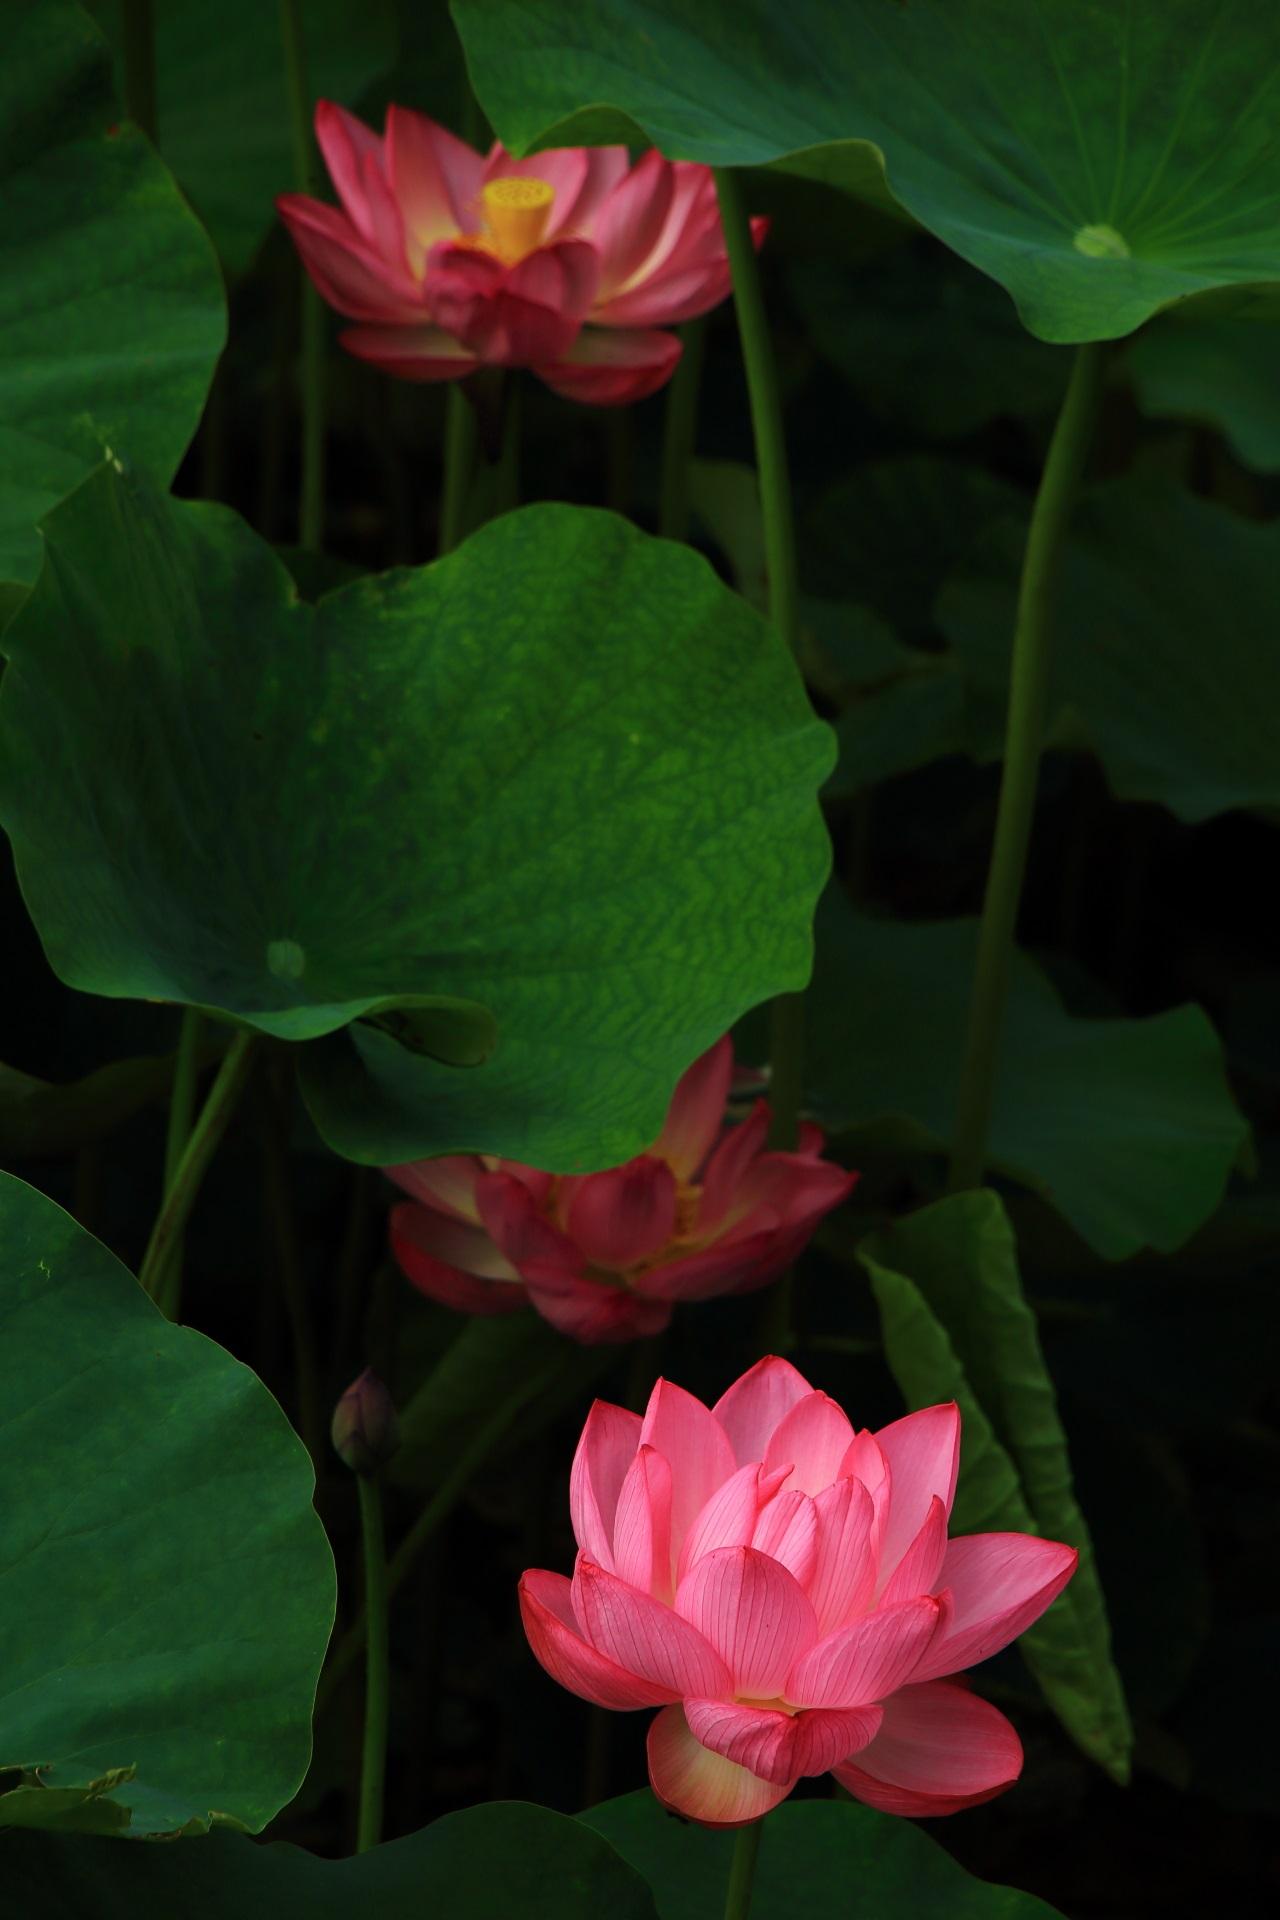 咲く時にポンと音がすると言われる蓮の花